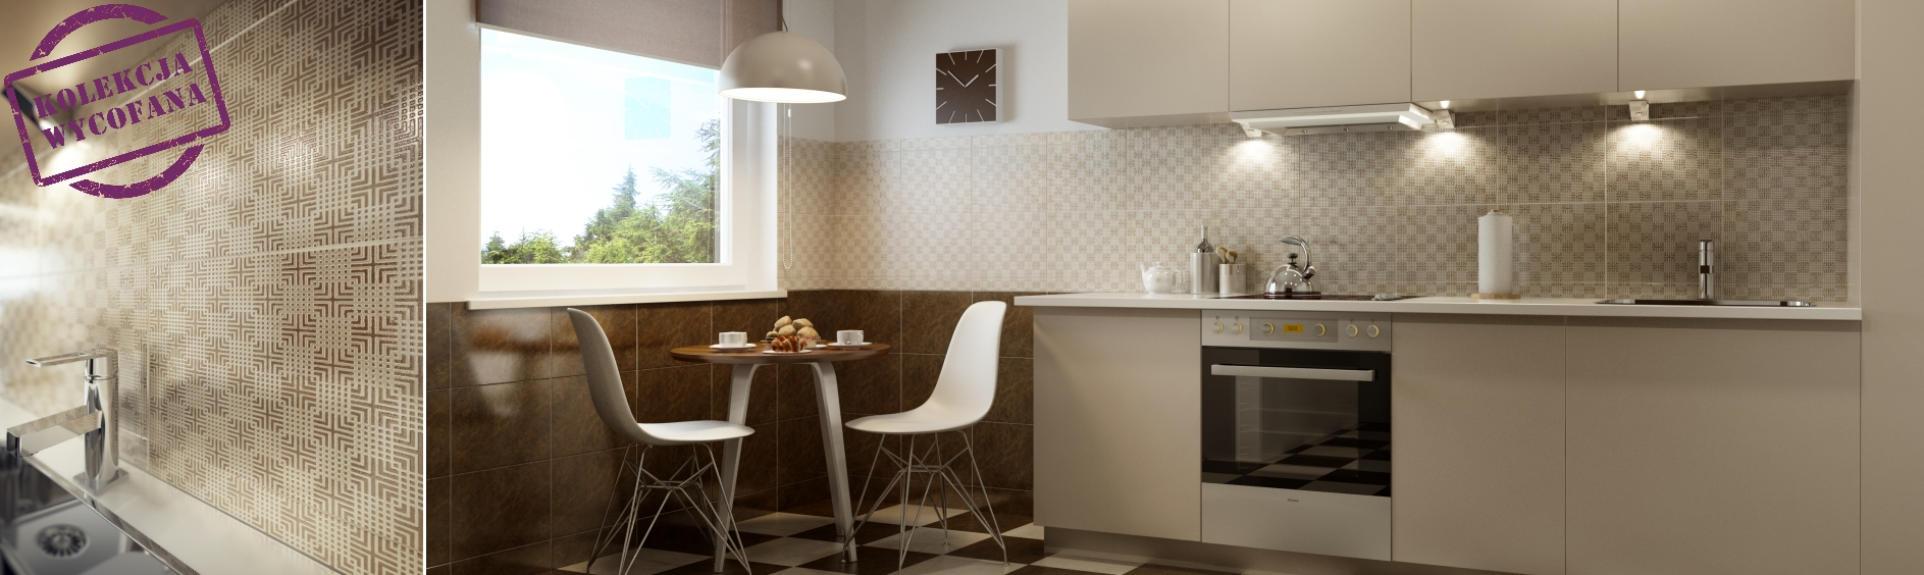 Capella / Capel (WYCOFANE) - Kuchnia, Łazienka, Salon, Przedpokój